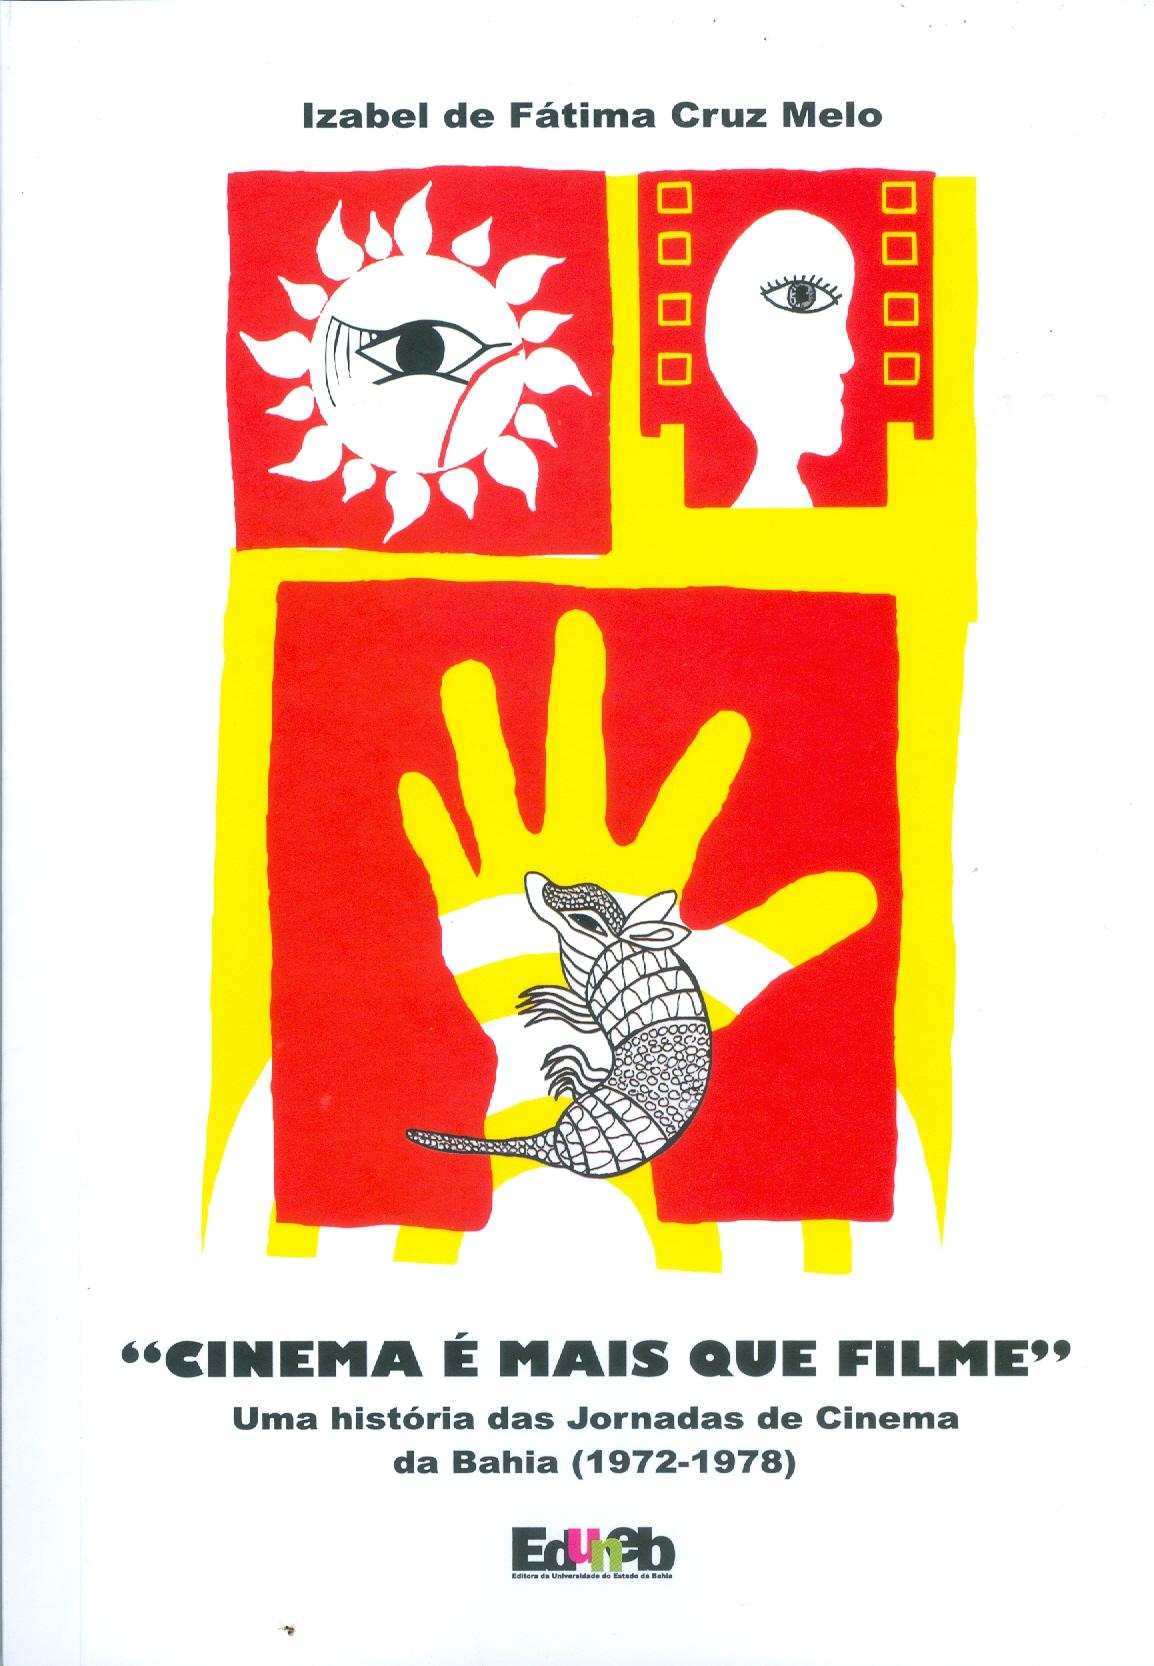 CINEMA É MAIS QUE FILME: uma história das jornadas de cinema da Bahia (1972-1978), livro de Izabel de Fátima Cruz Melo